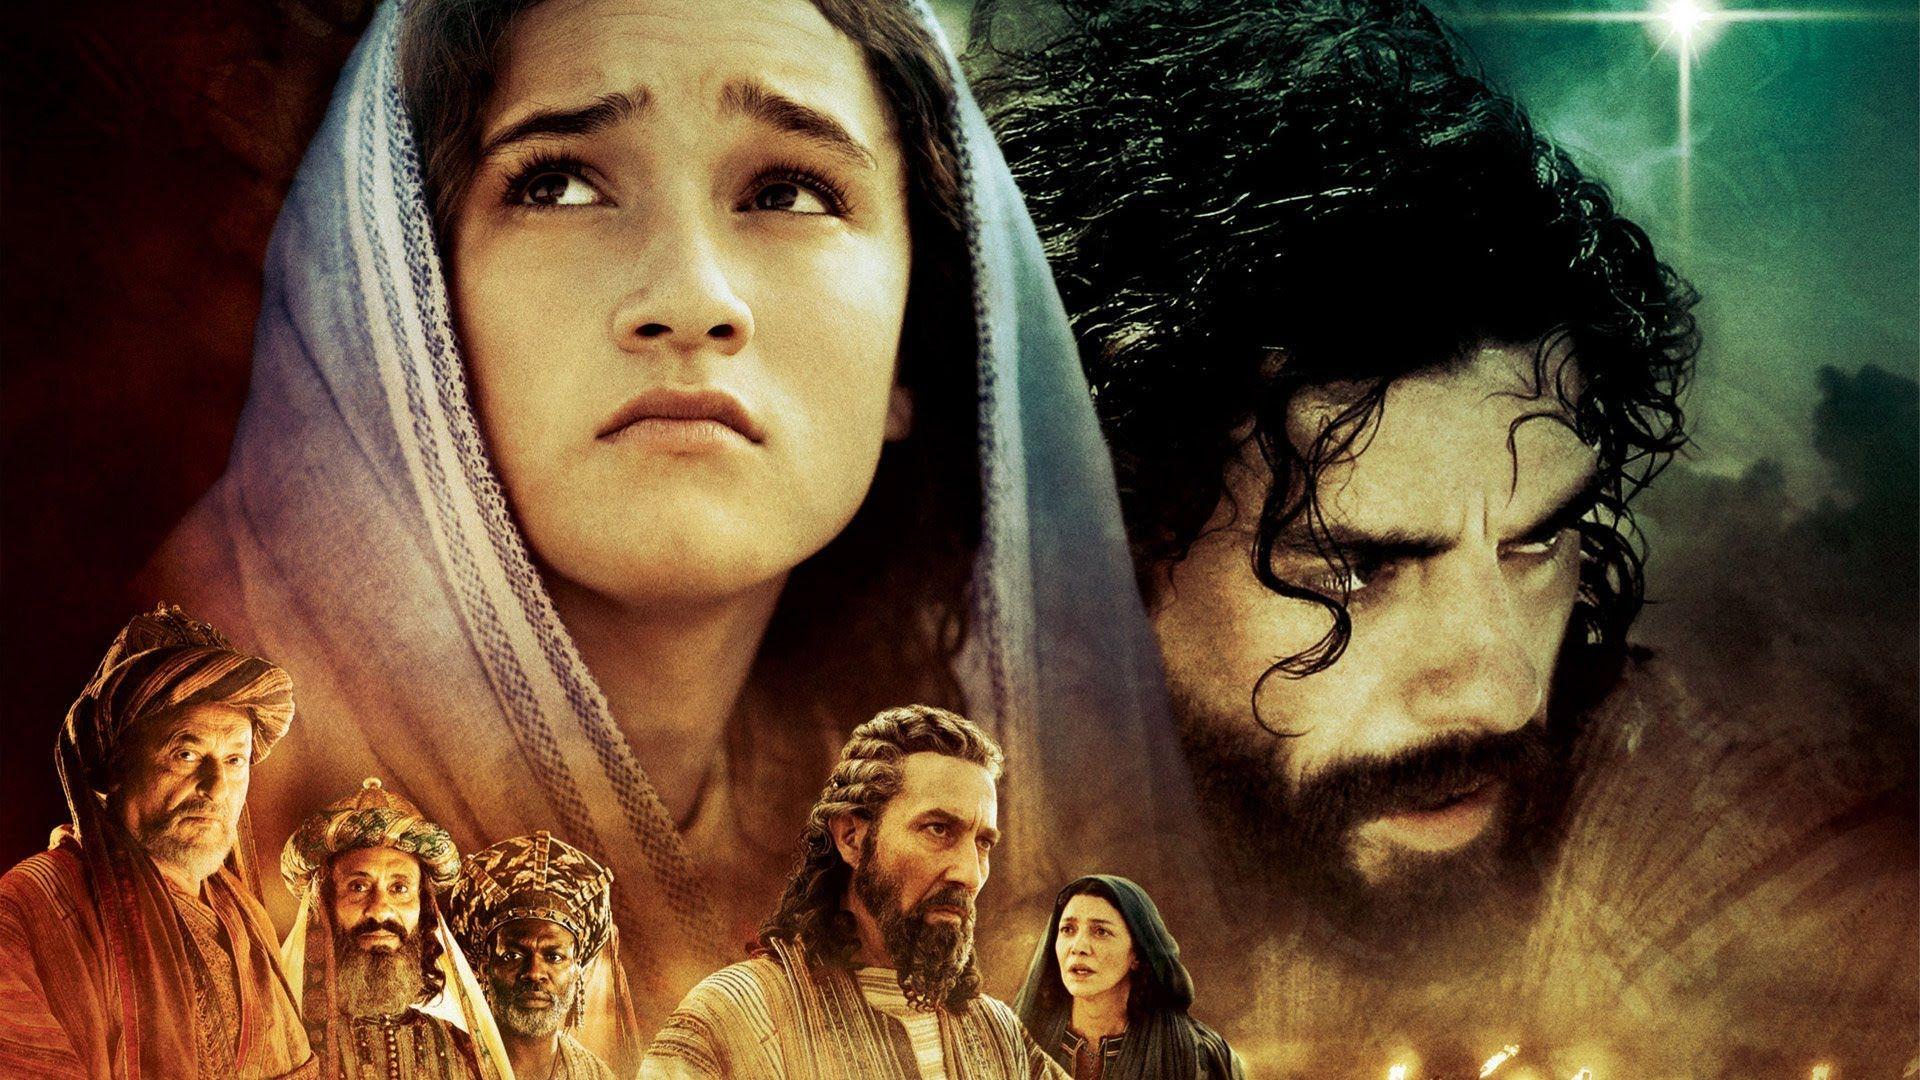 The Nativity A Mais Linda Historia Do Nascimento De Jesus Filme Gospel Completo Dublado Filmes Gospel Filme Gospel Completo Dublado Filmes